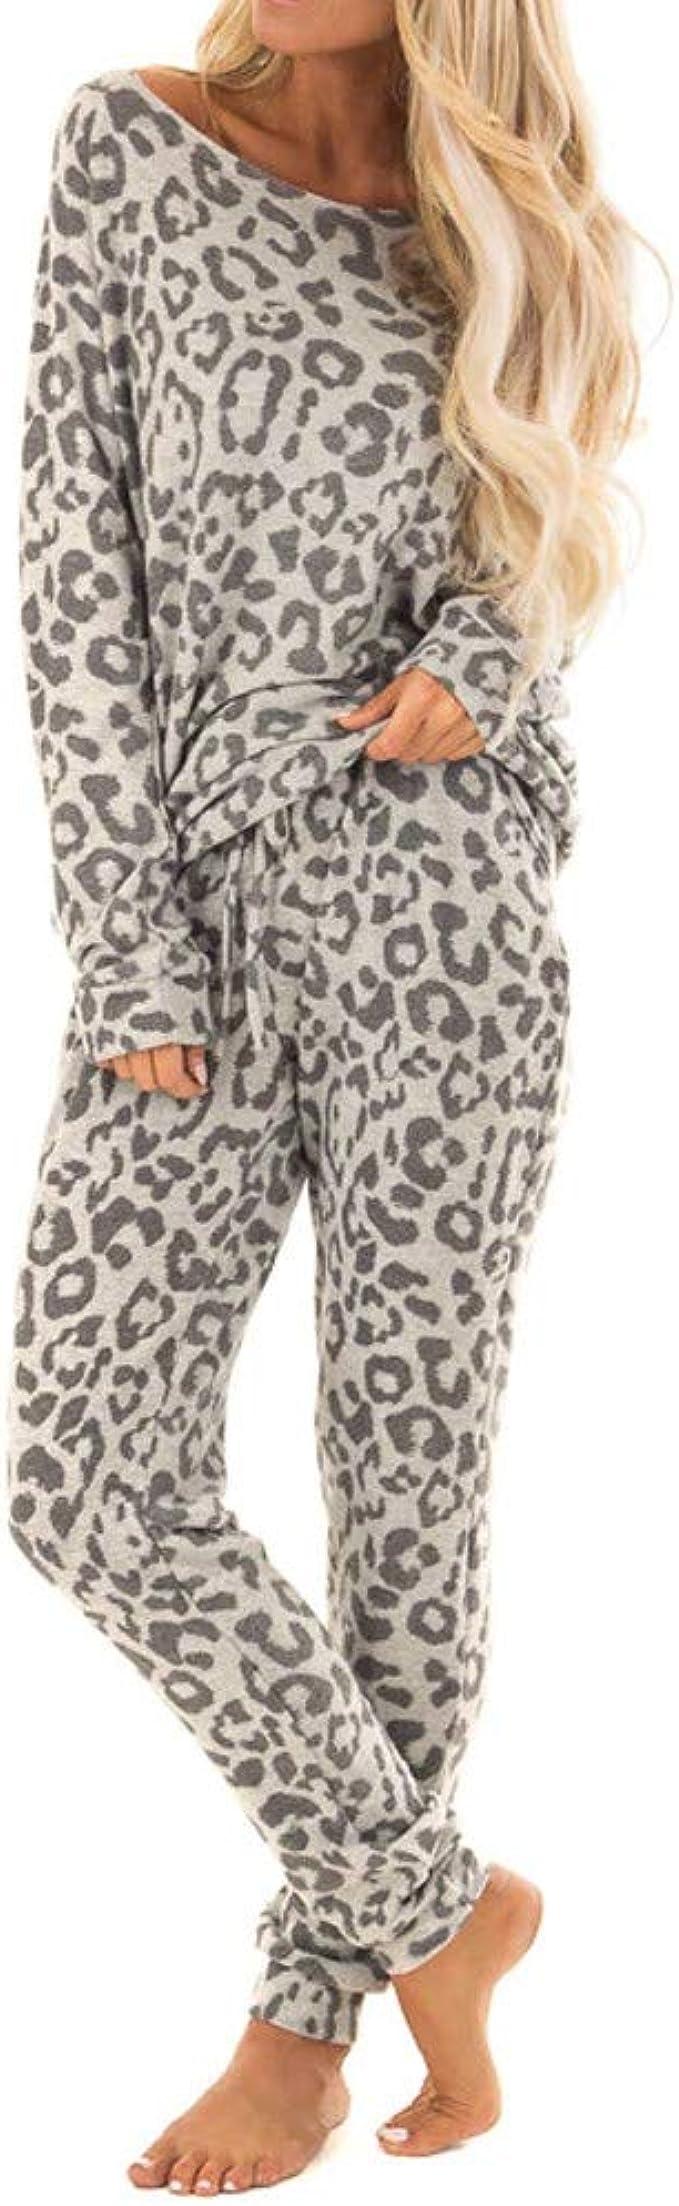 UOFOCO Leopard Print Pants Sets for Women Tracksuit Leisure Wear Lounge Wear Suit 2Pcs Gray